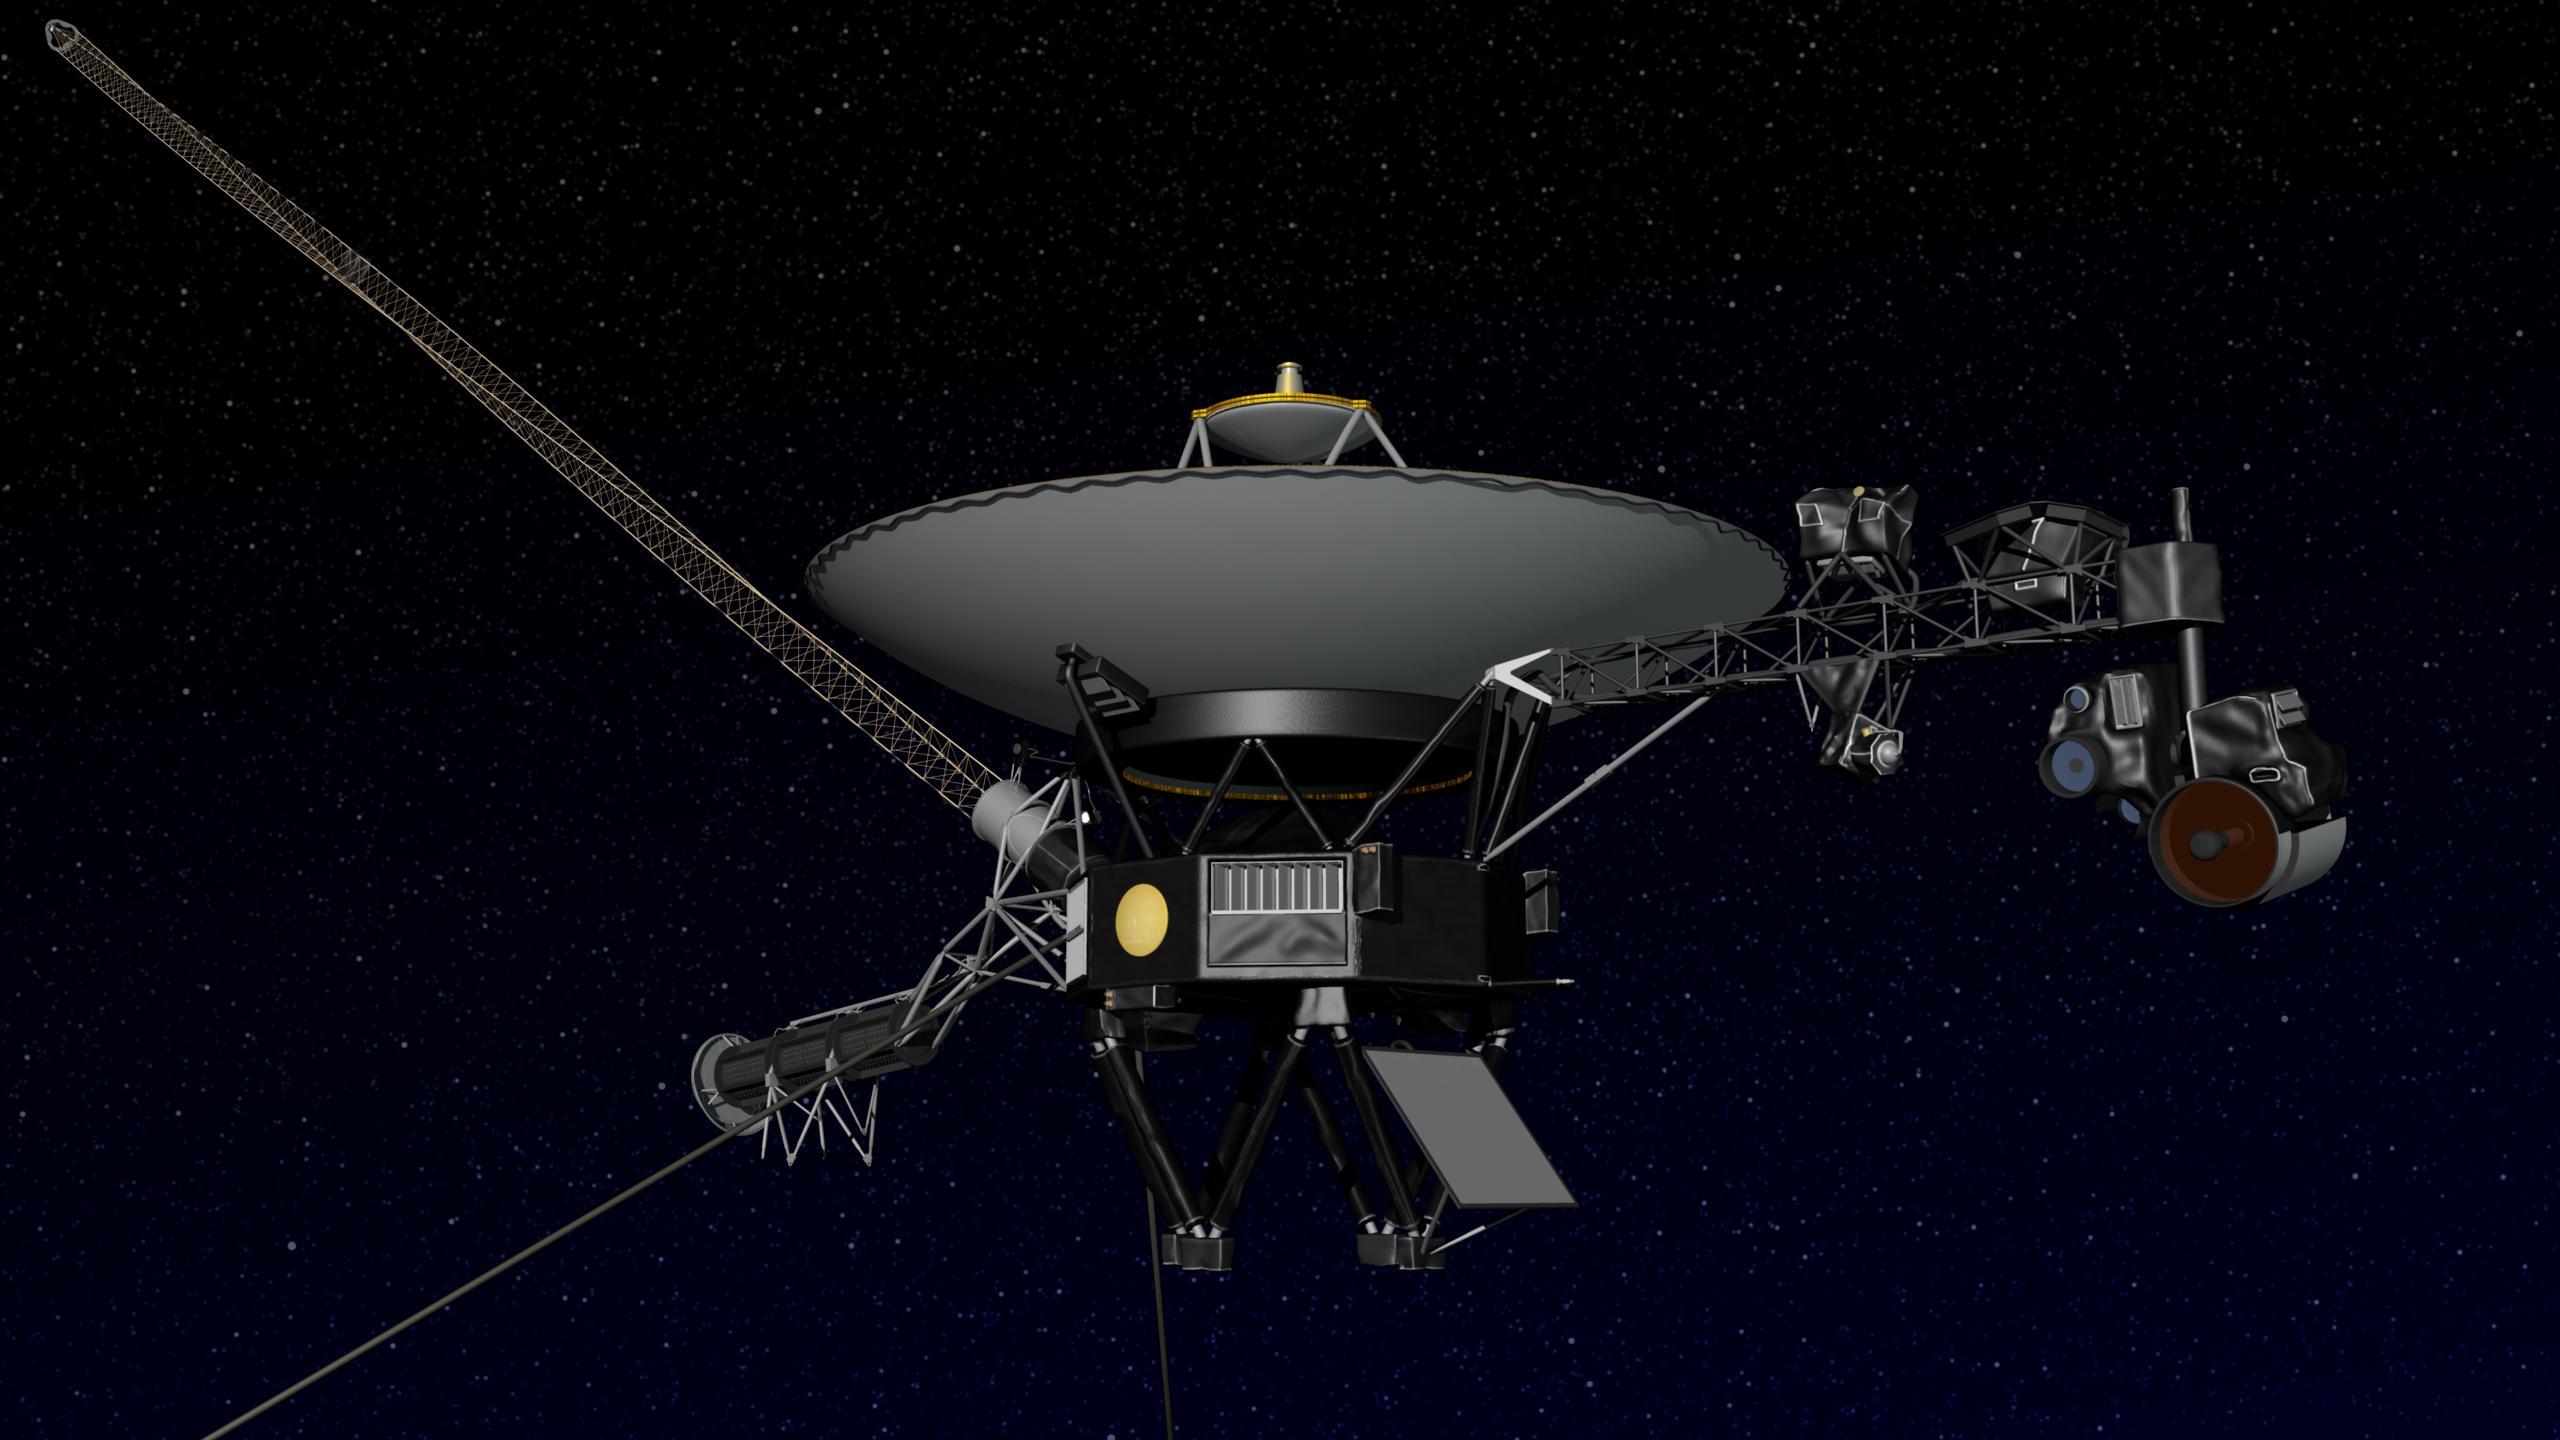 Obrázek: Do mezihvězdného prostoru a dál: Druhá sonda v historii lidstva pronikla za hranice heliosféry